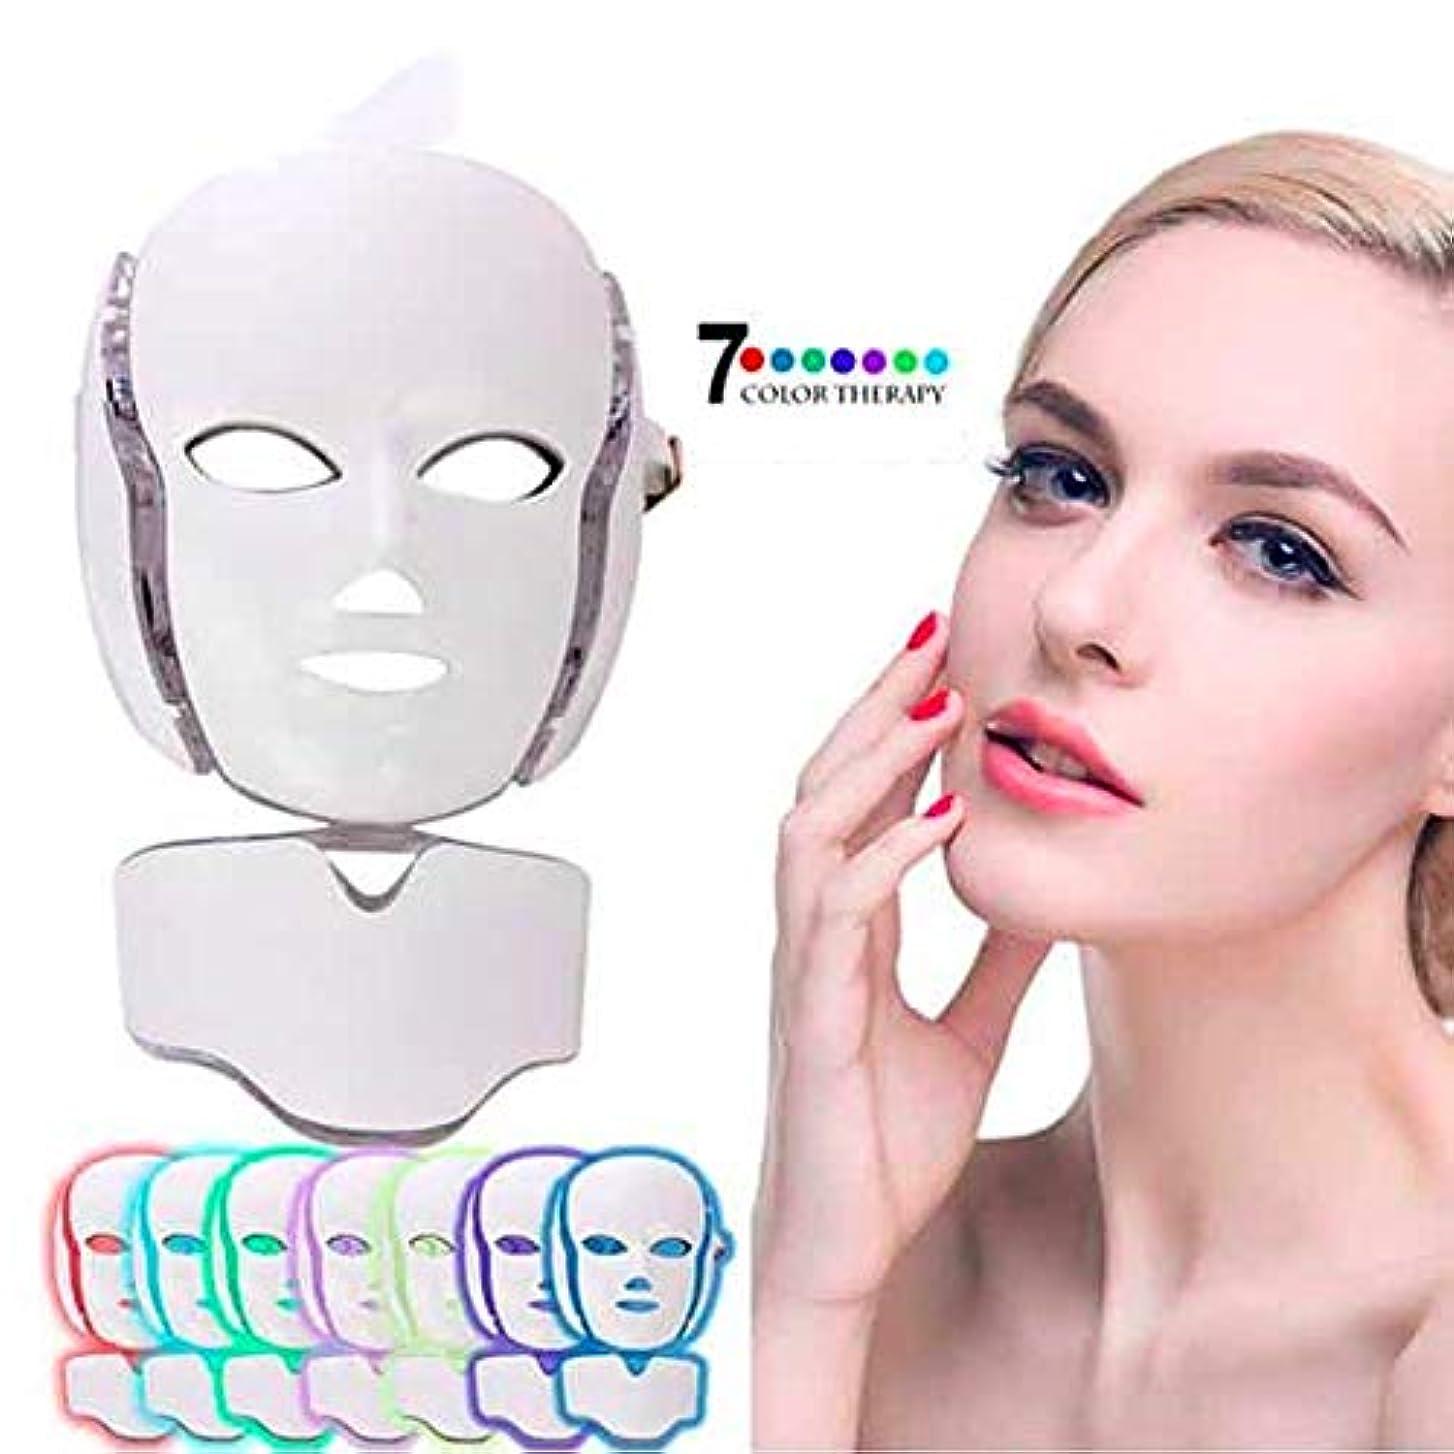 多様性ランドリークライストチャーチ7色の光子は、家庭用の肌の若返りのためにひげネックマスク、にきび、毛穴、アンチエイジング美容ライトセラピーのLEDライト